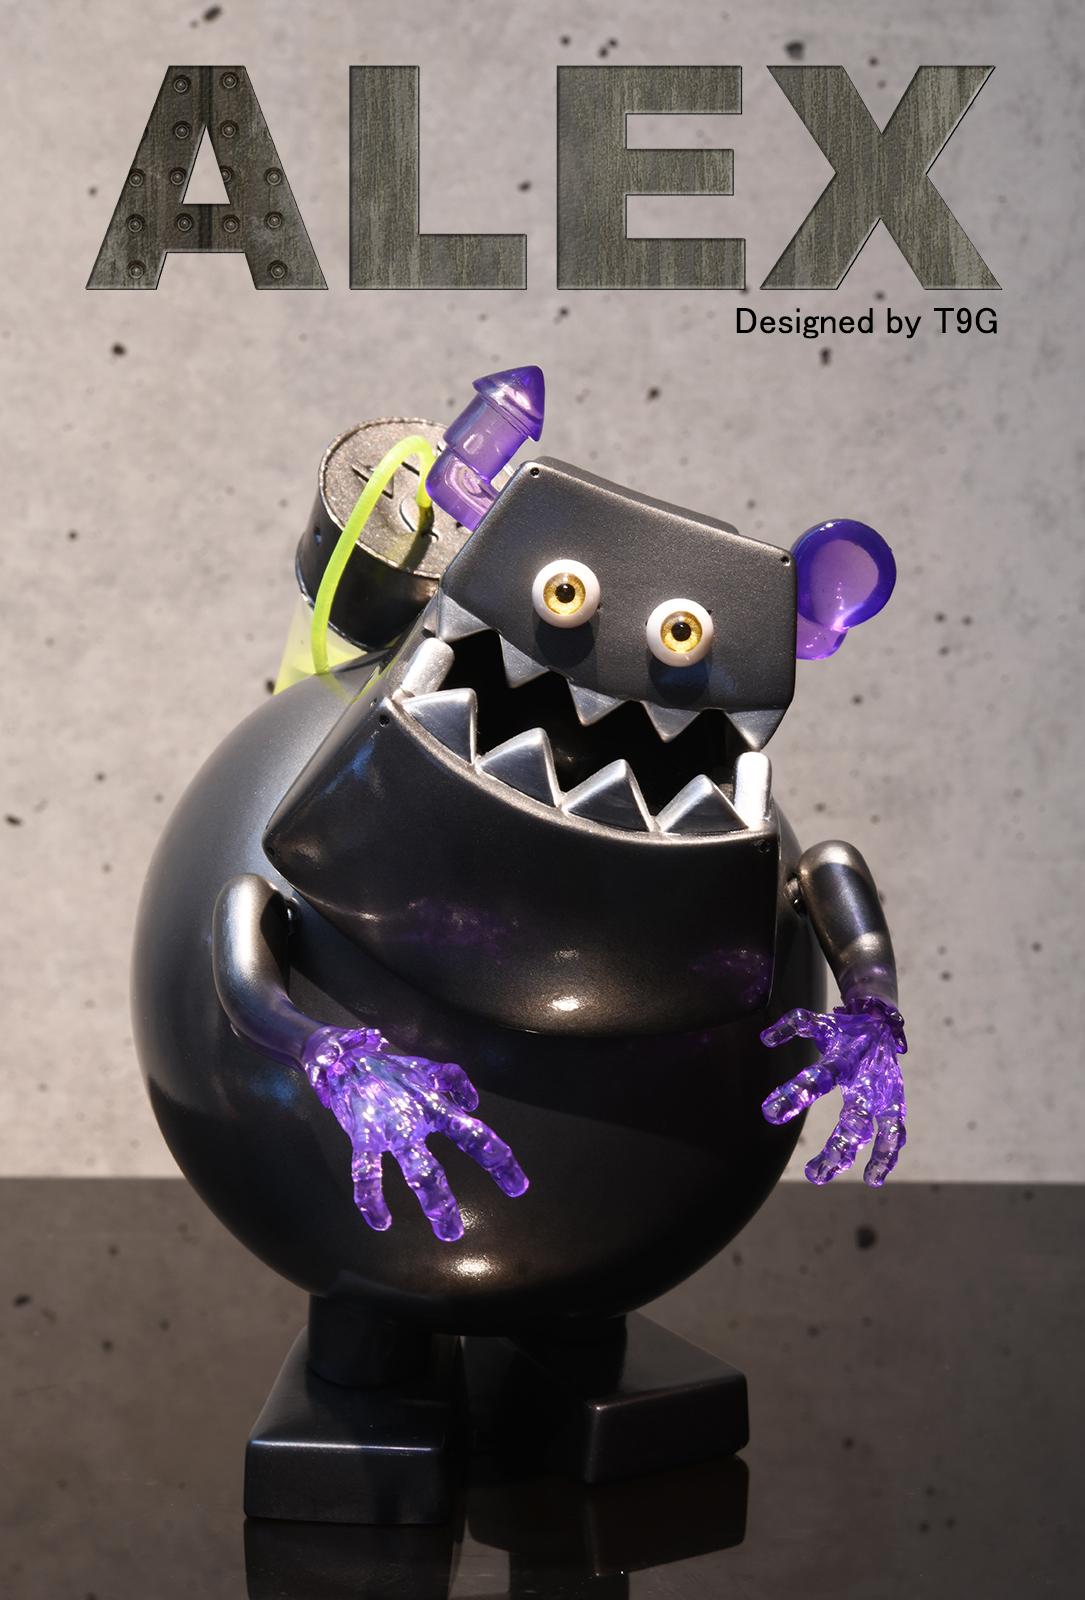 t9g-alex-2018-proto-01.jpg